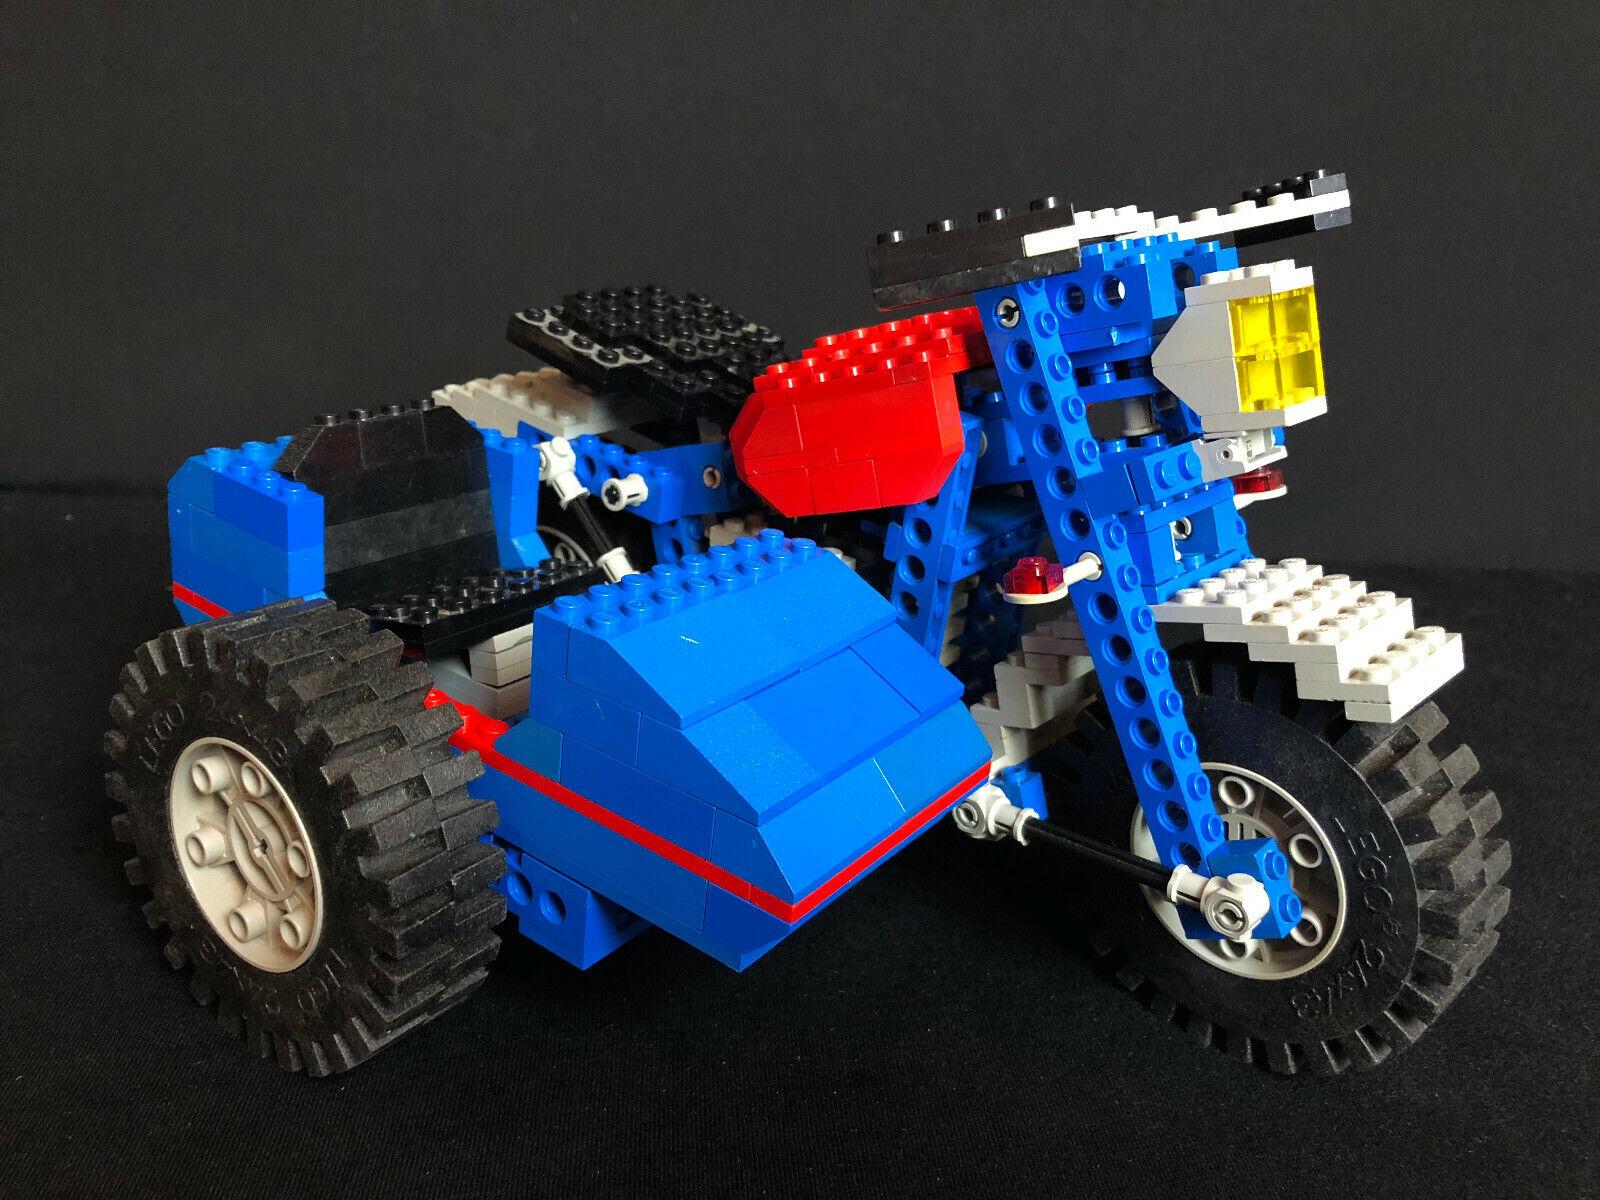 Lego 857 Technic Technic motorbike with Side de  1779 complet complete  meilleurs prix et styles les plus frais